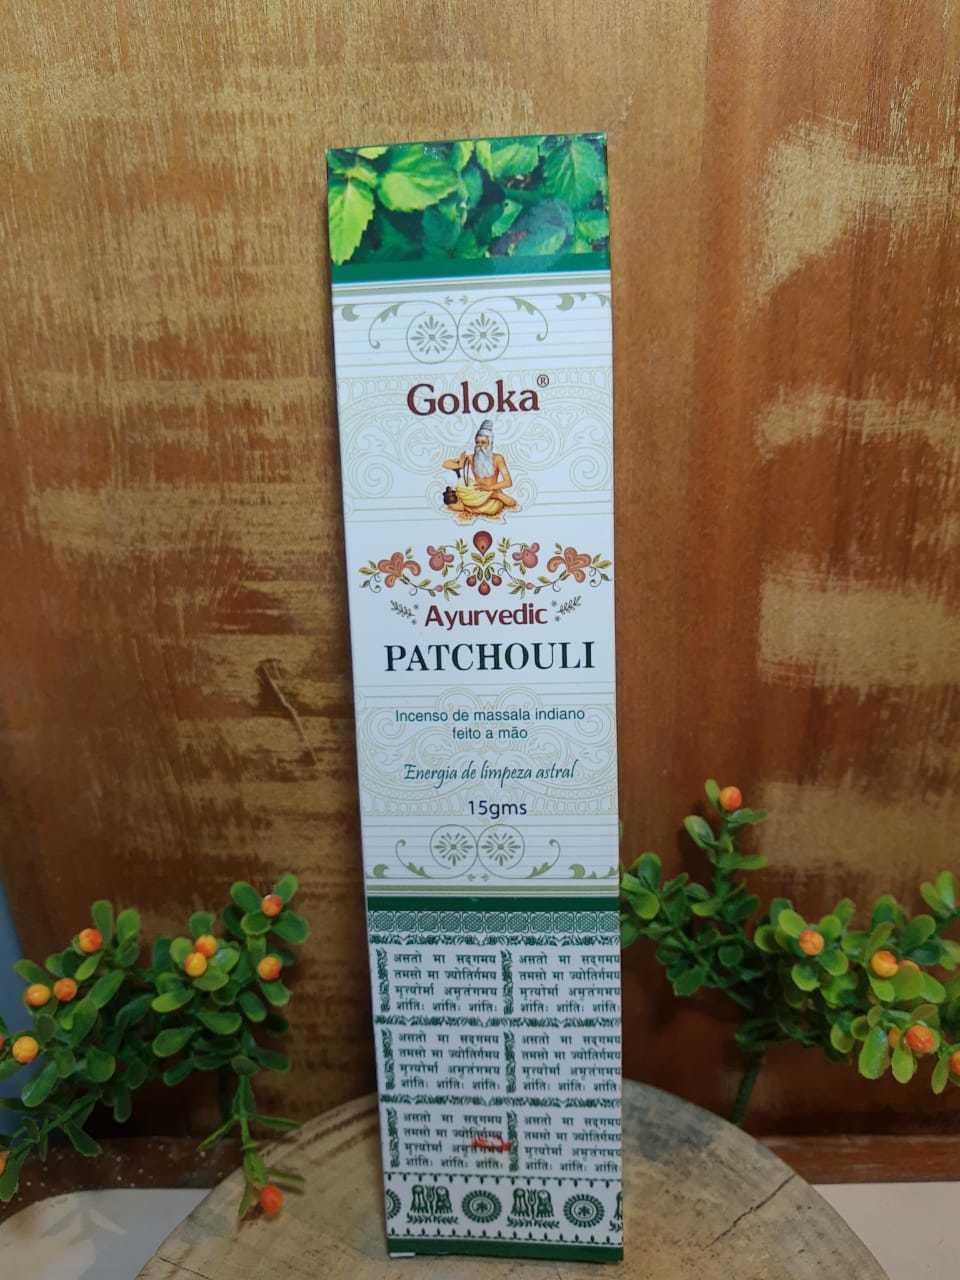 Incenso Patchouli - Indiano, Massala